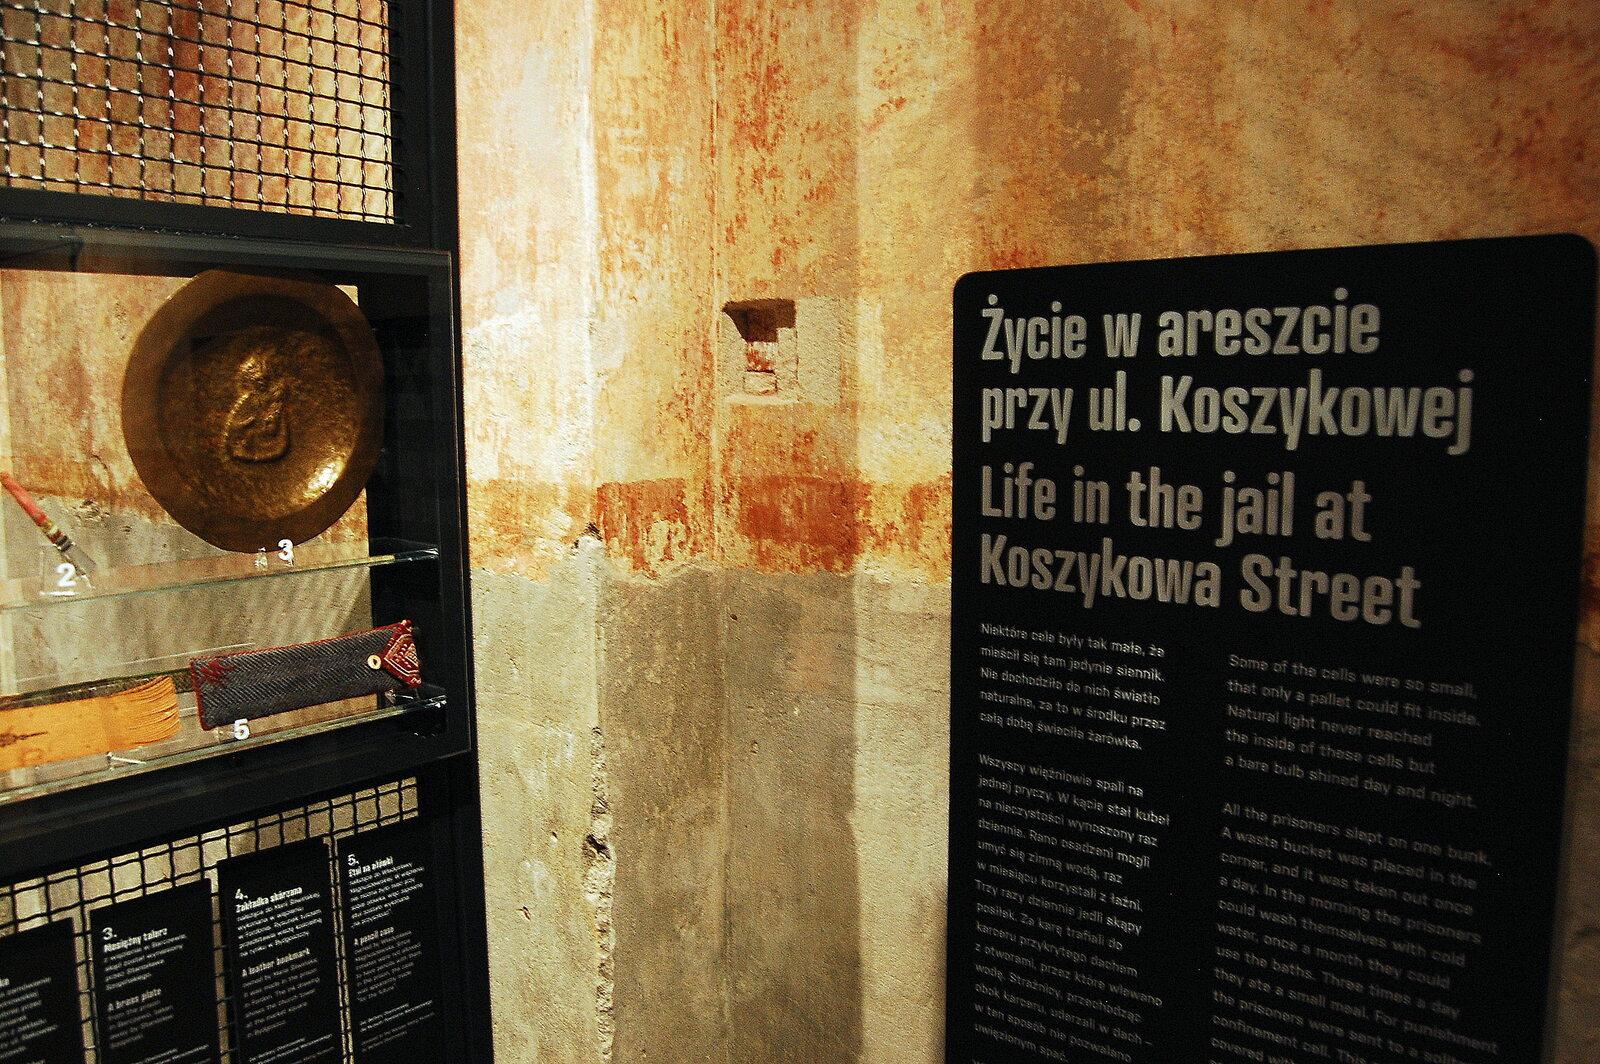 Pamiątki po osadzonych w areszcie przy ul. Koszykowej